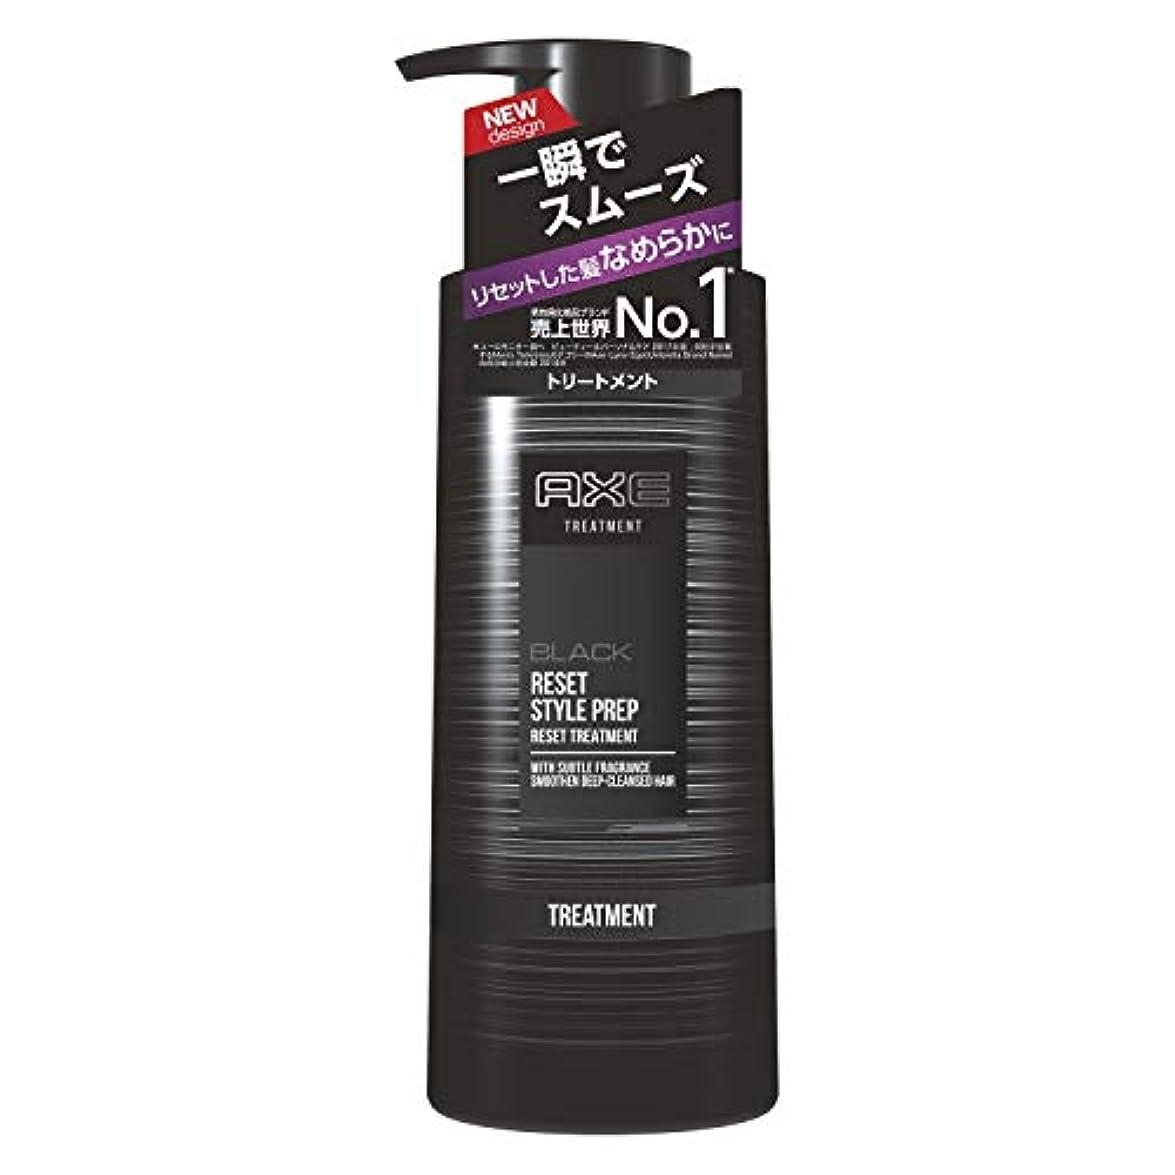 シャベル不健全まつげアックス ブラック 男性用 トリートメント ポンプ (速攻スムーズ ラクなスタイリングへ) 350g (クールマリンのさりげない香り)